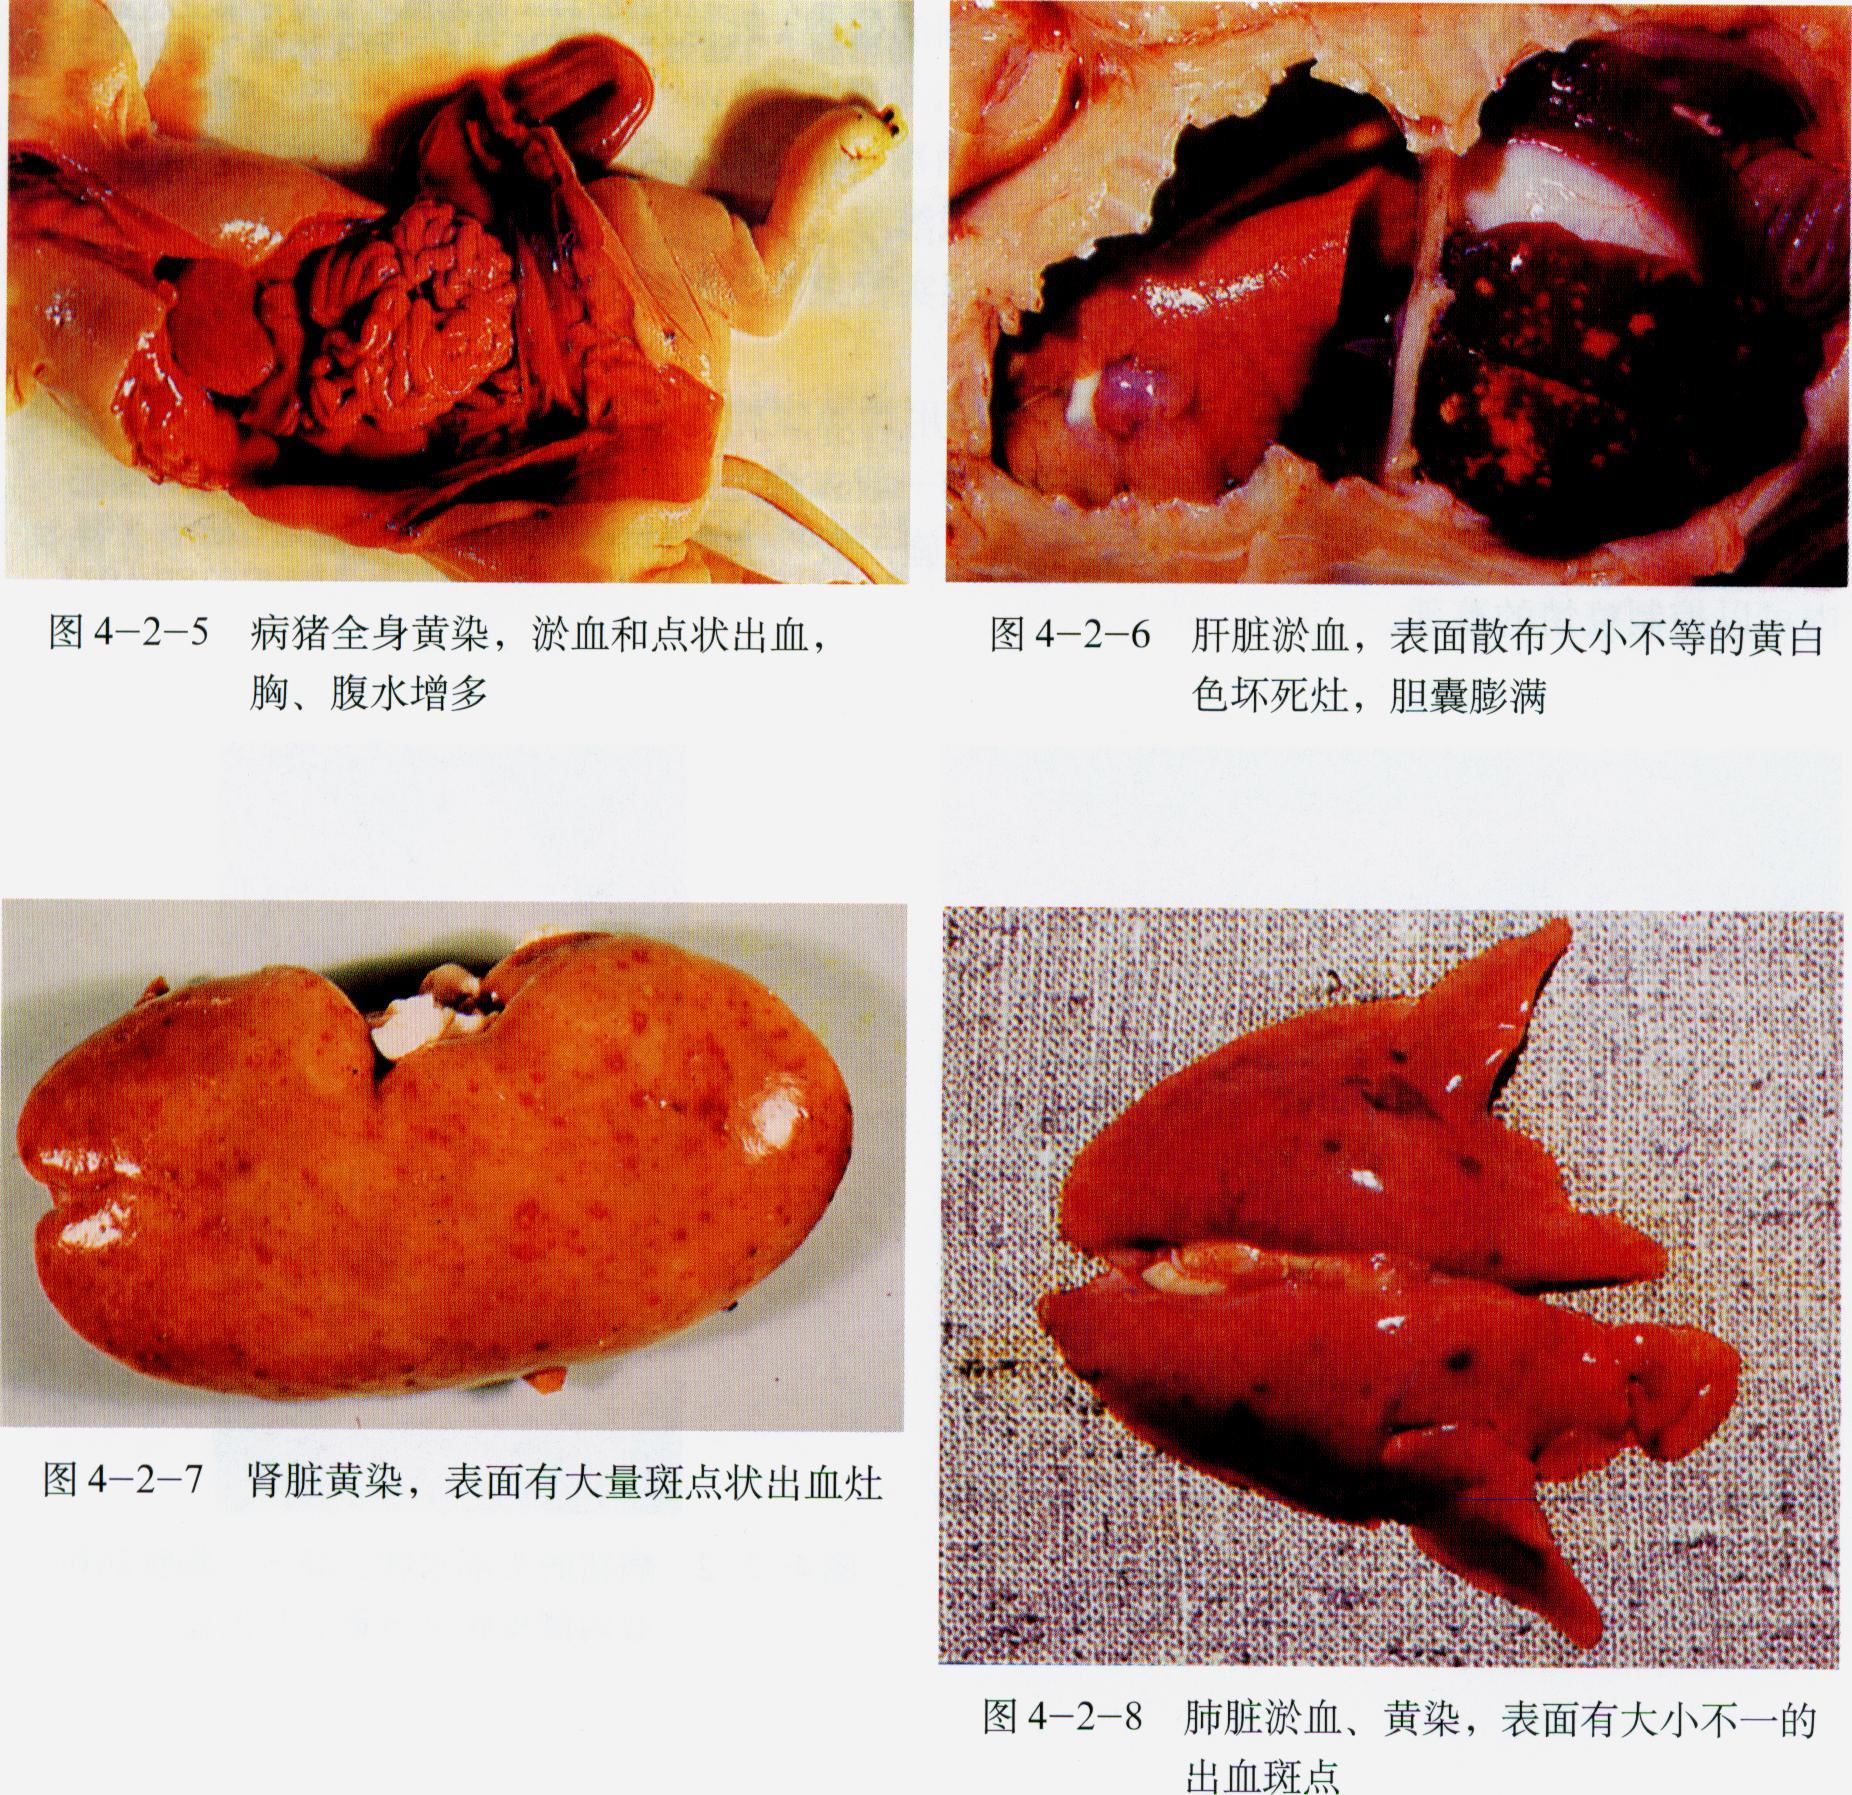 豬鉤端螺旋體病圖片